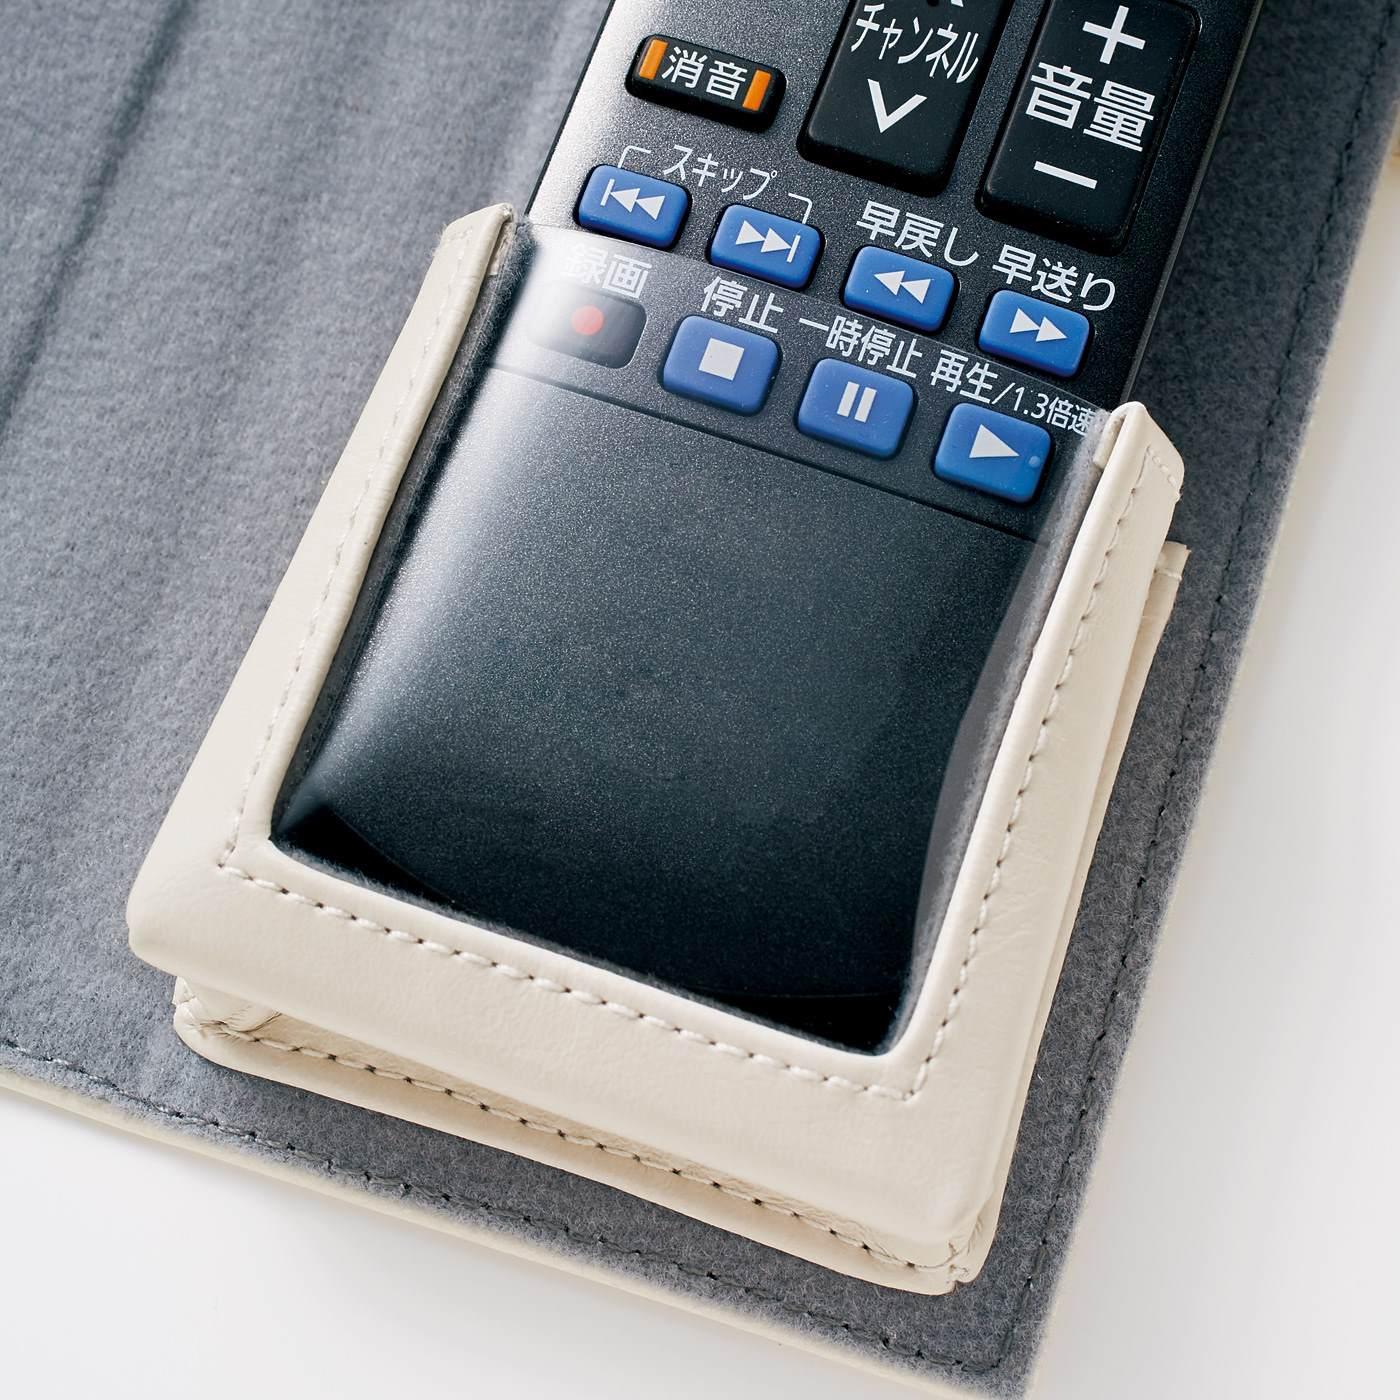 透明ポケットの上から操作可能。